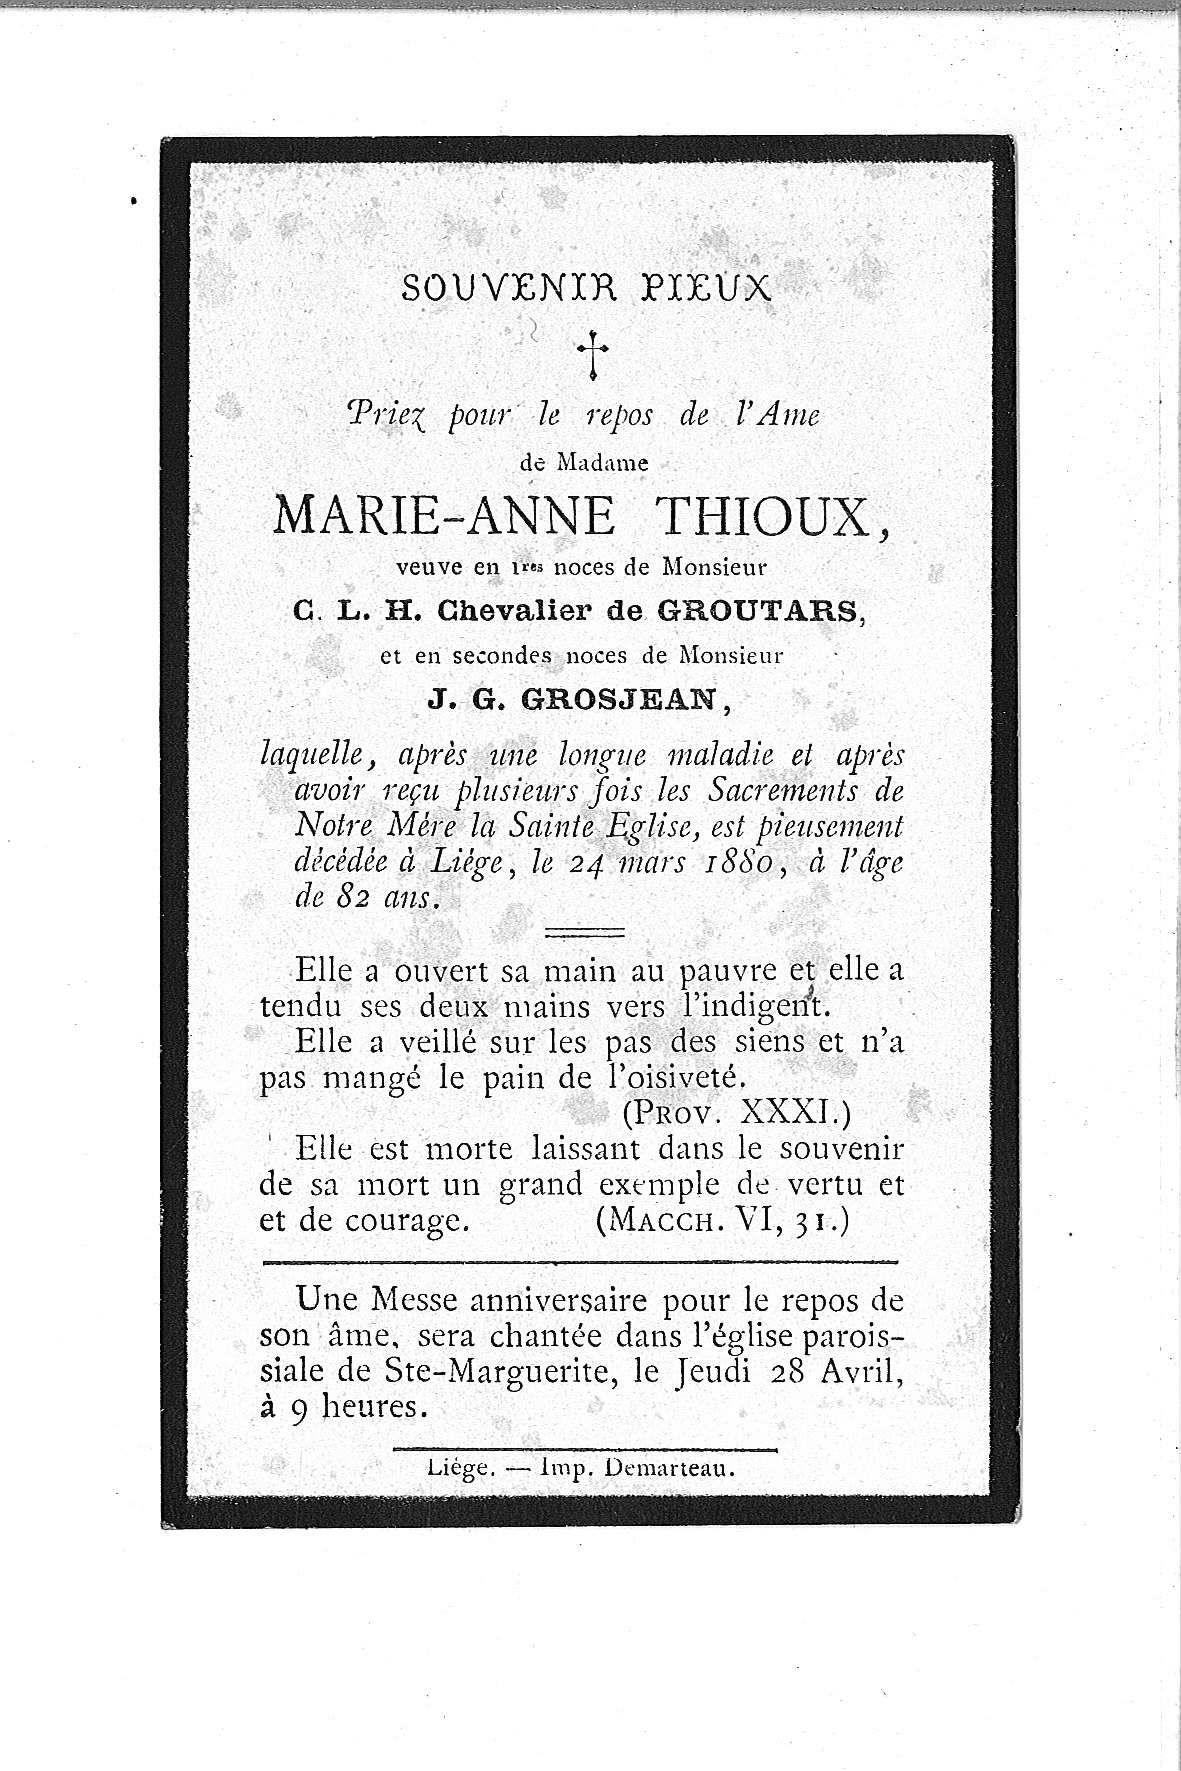 Marie-Anne(1880)20120621134457_00040.jpg